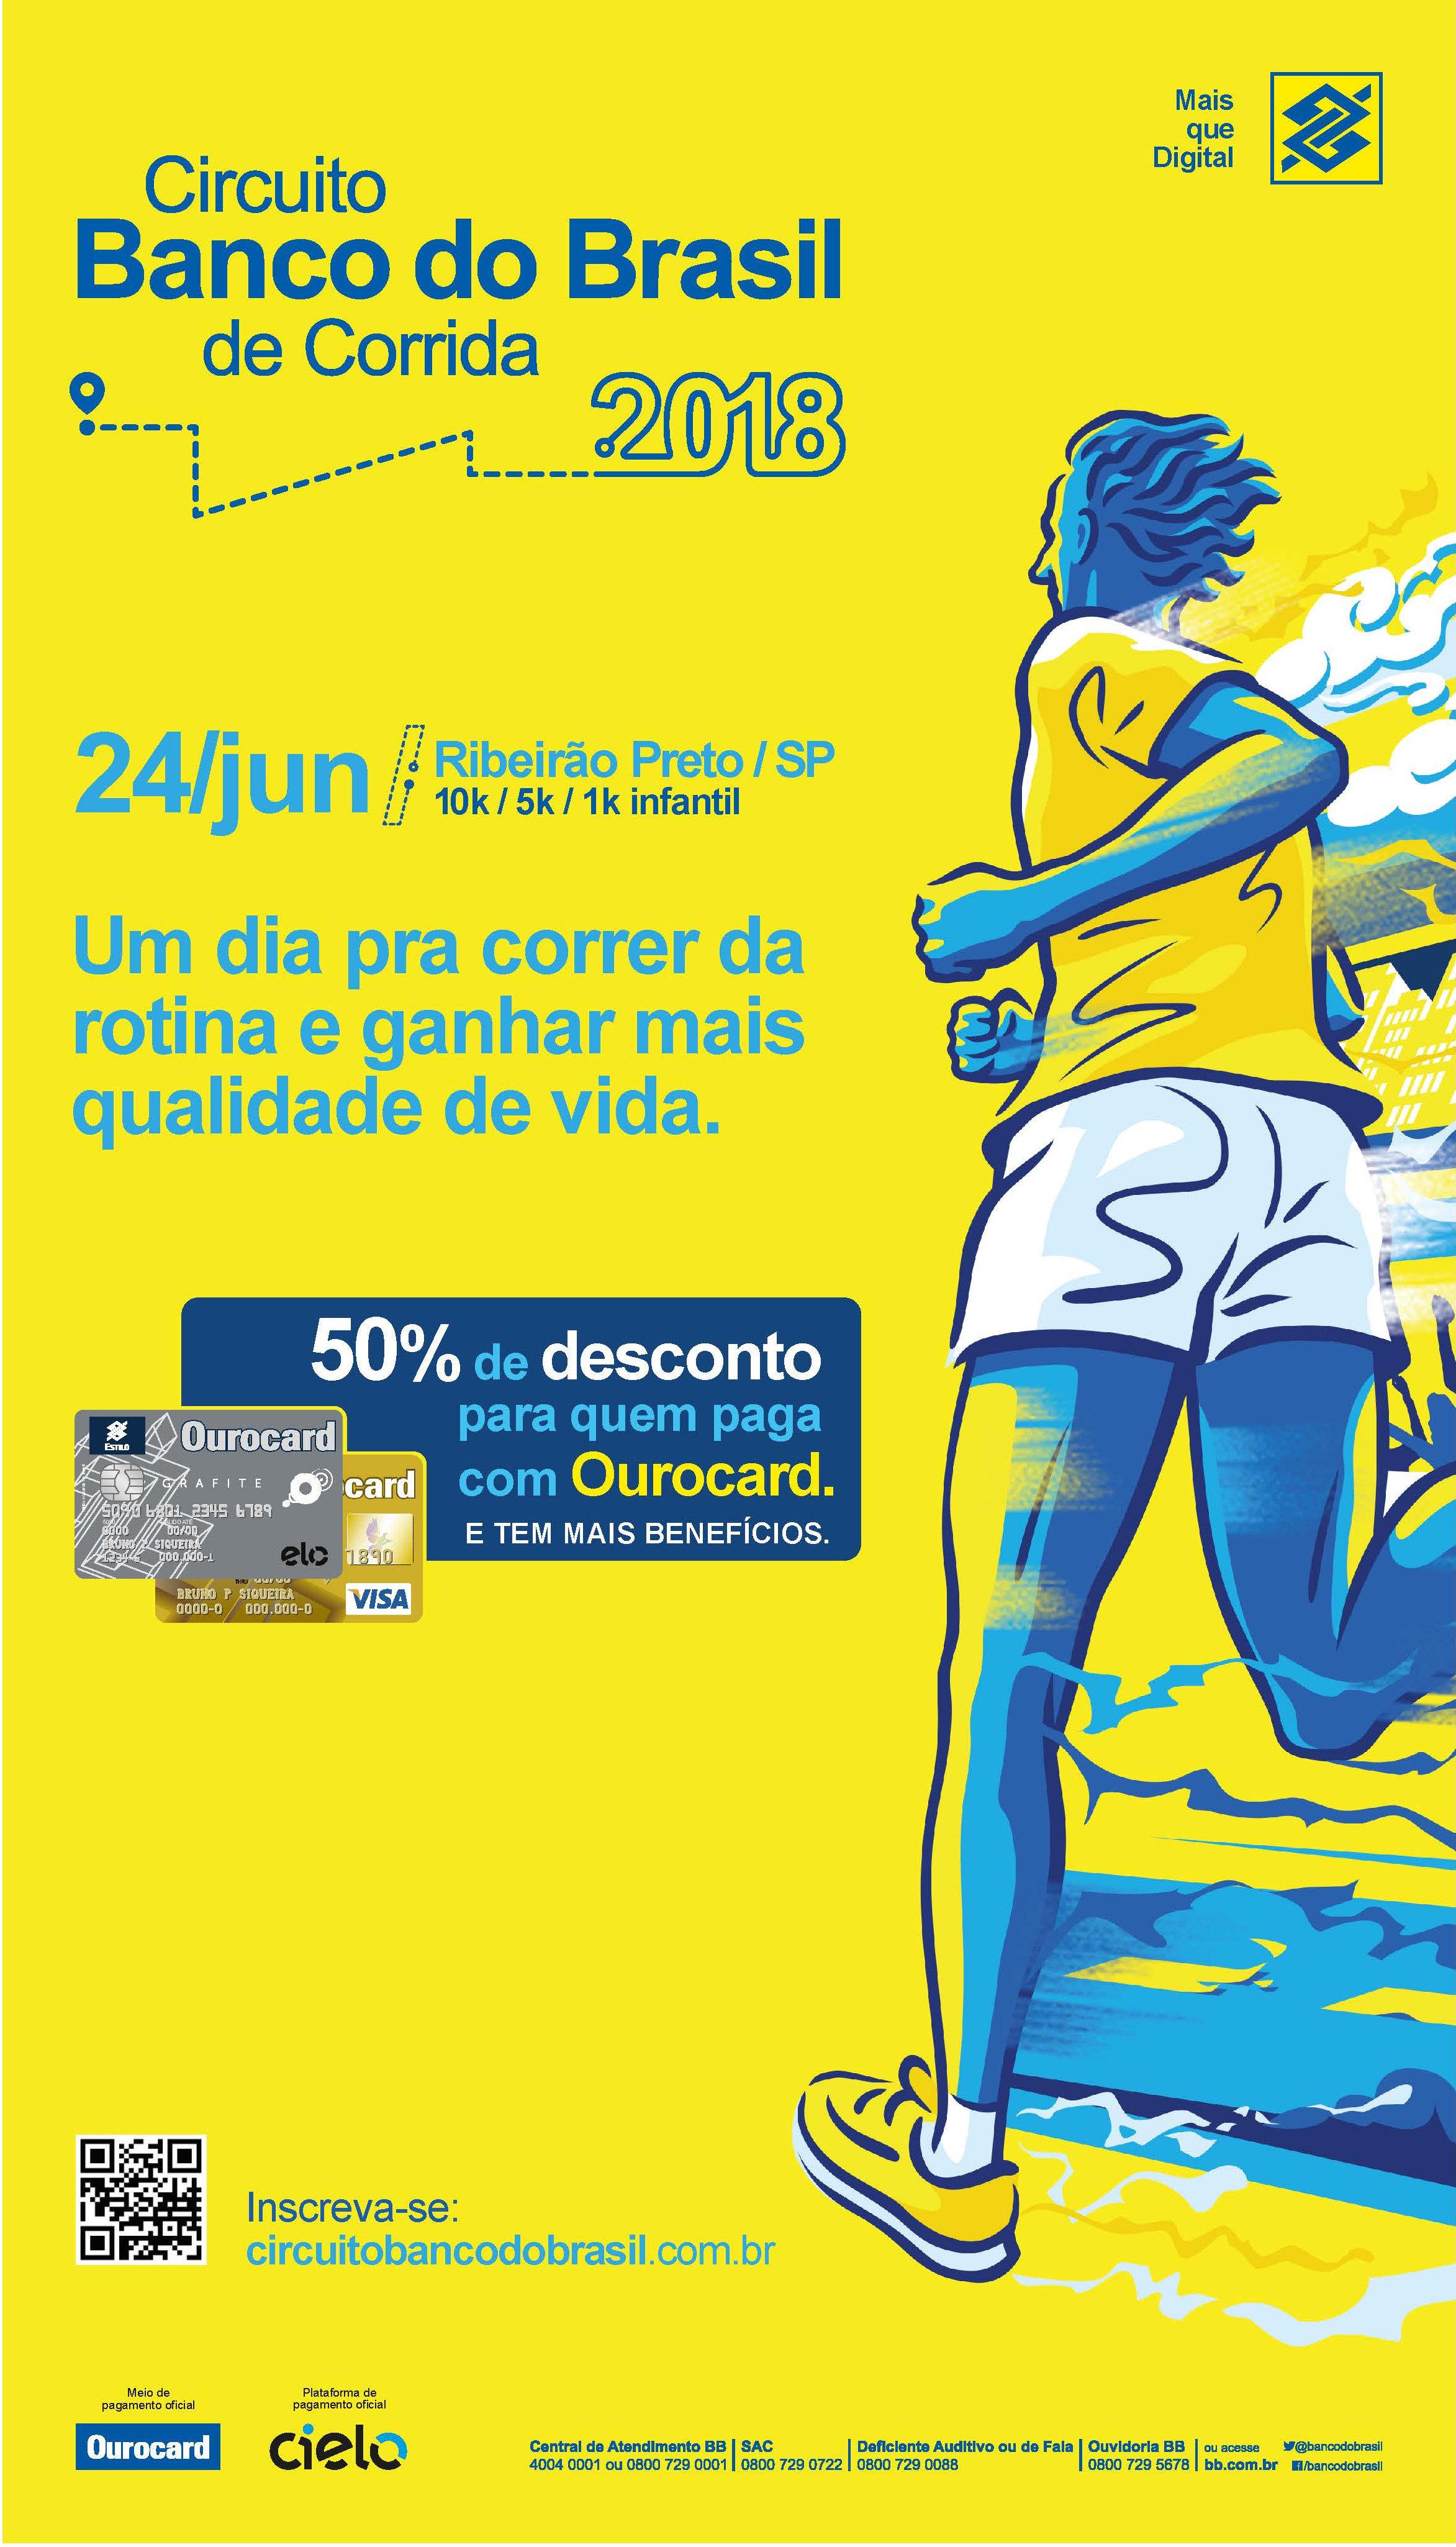 Circuito Banco Do Brasil : Publicidade circuito banco do brasil de corridas jornal